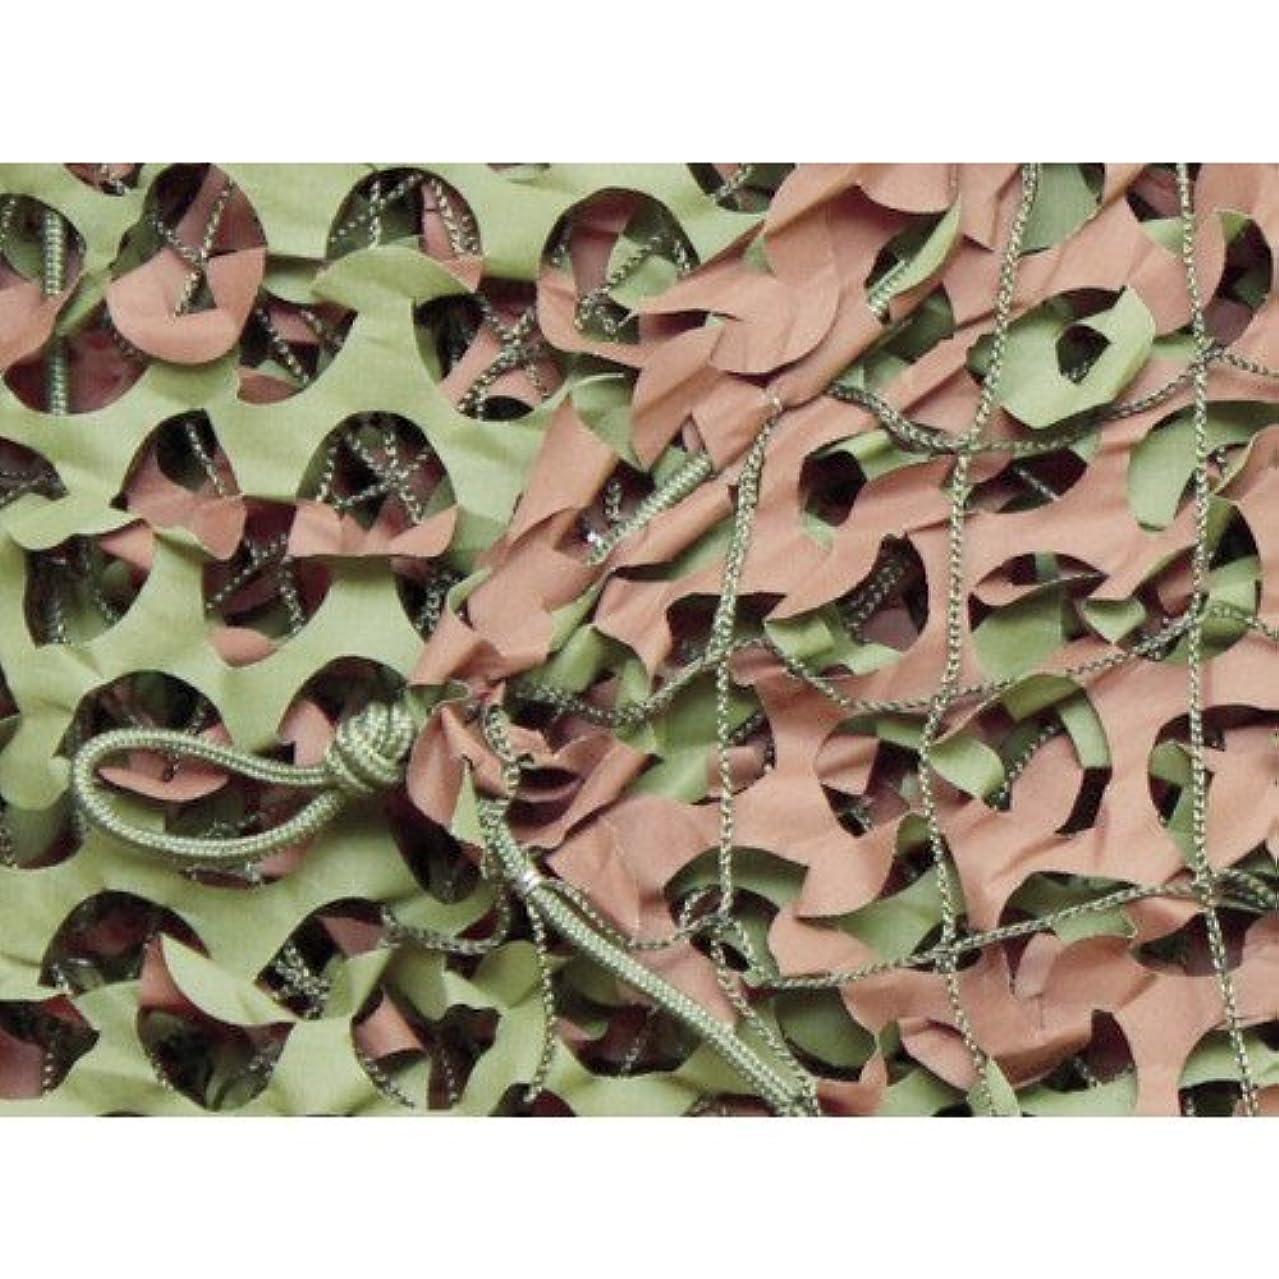 意外アッティカスジェームズダイソントラスコ中山 CAMO ベーシック レギュラーXミリタリー グリーン&ブラウン 1.8mX3m WM12